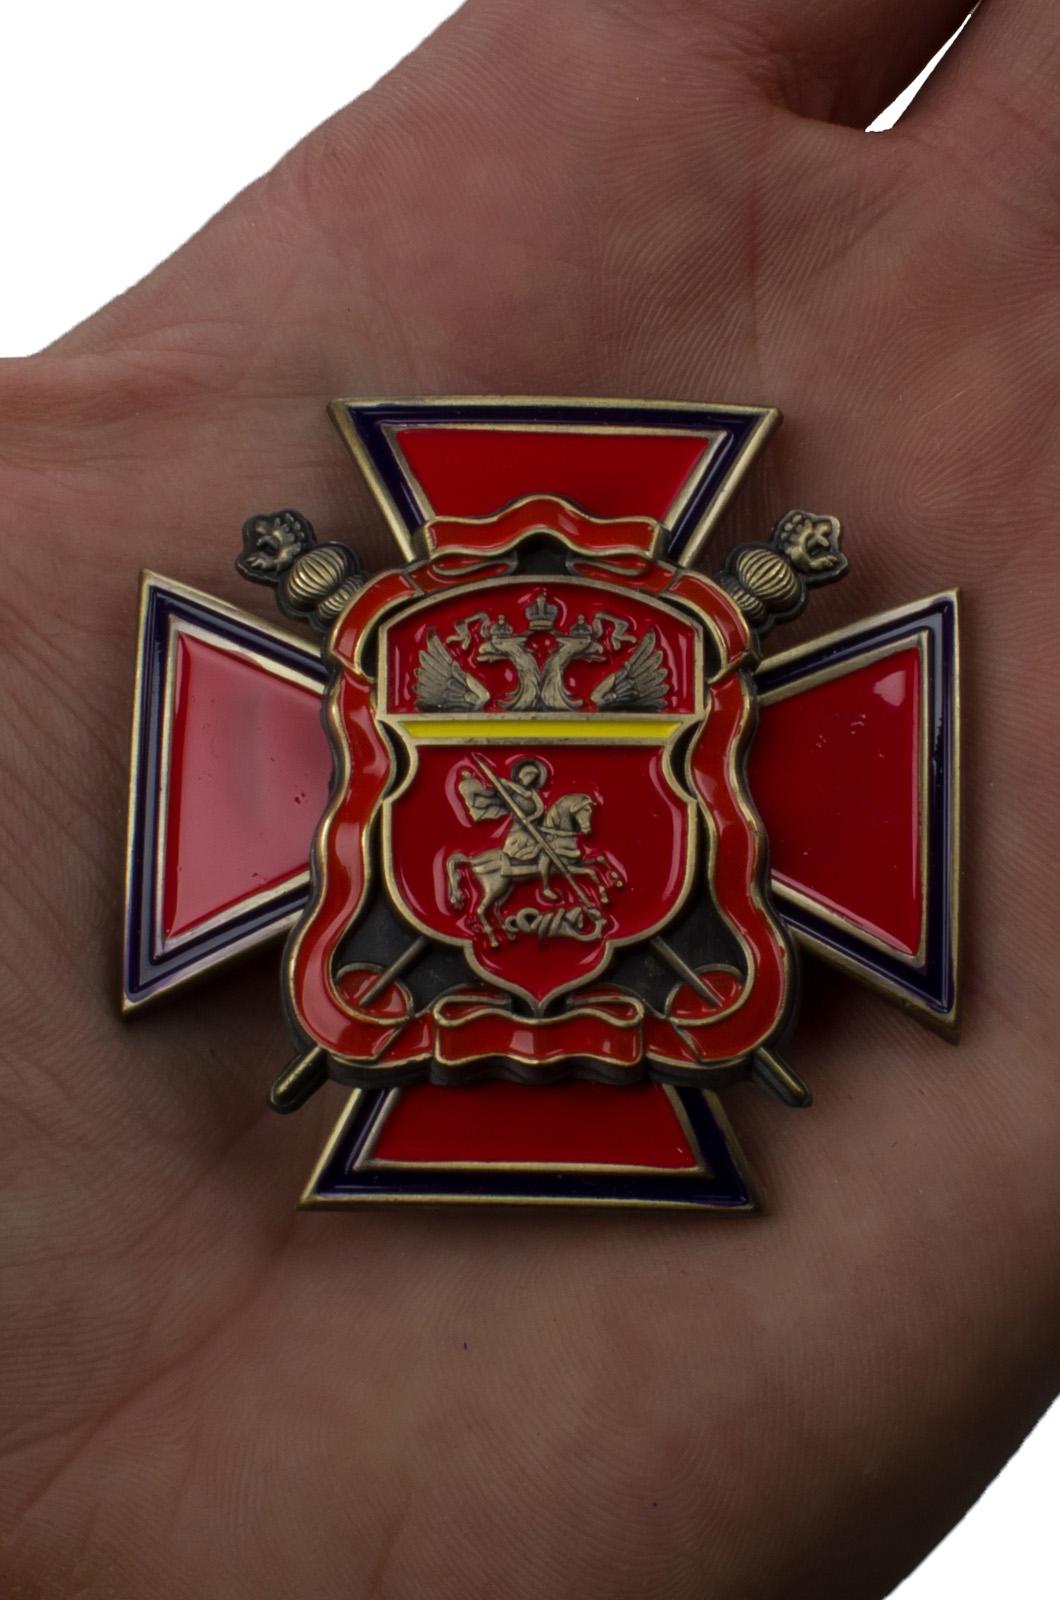 Войсковой крест Центрального Казачьего войска - вид на ладони